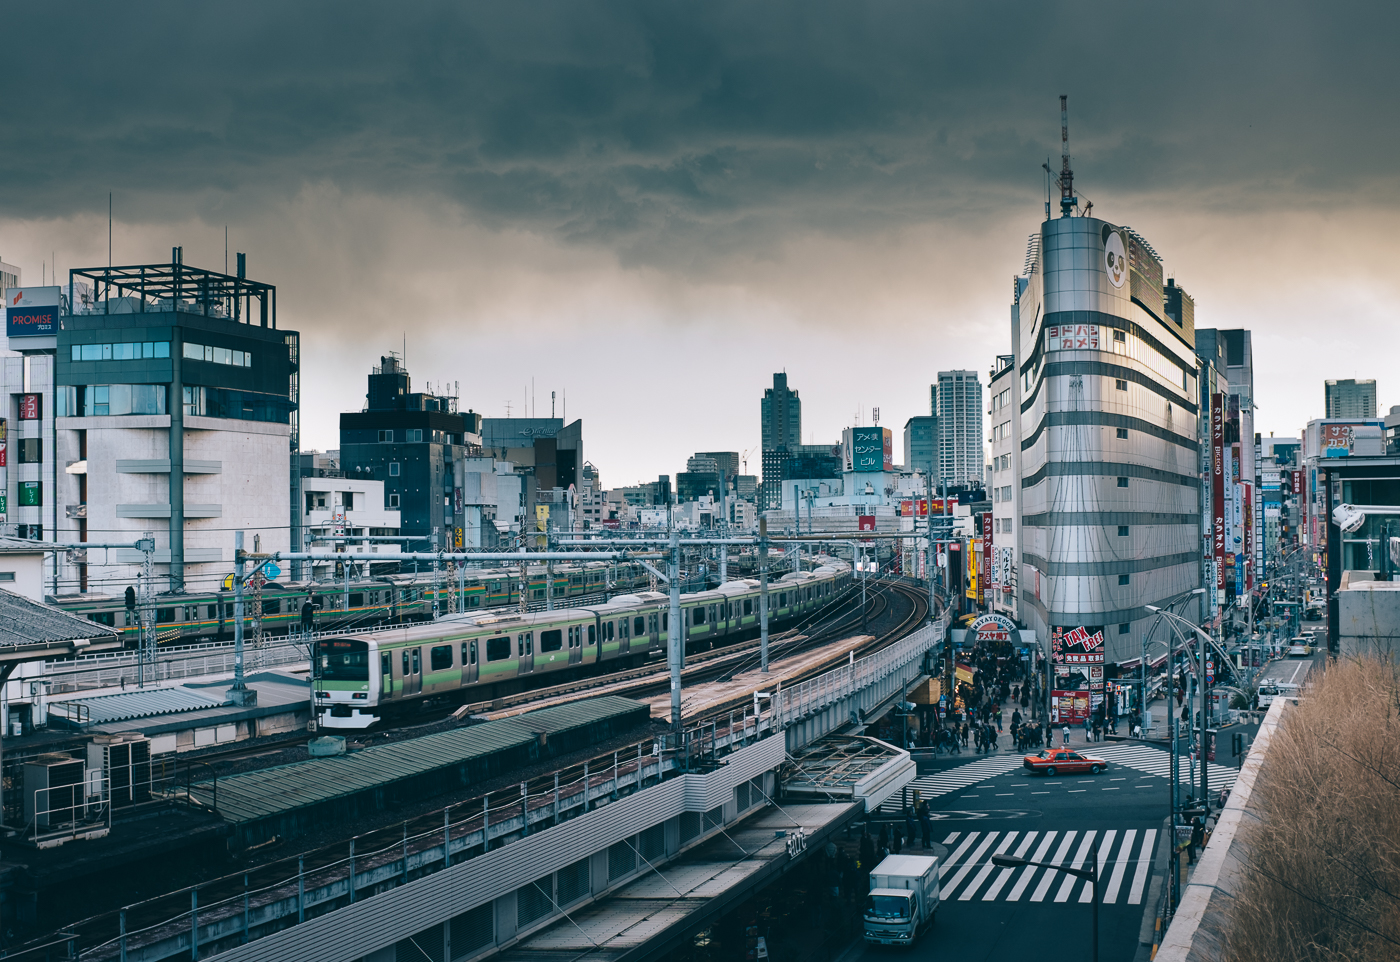 Très urbain, le quartier d'Ueno est extrèmement actif aux abords de la ligne de train